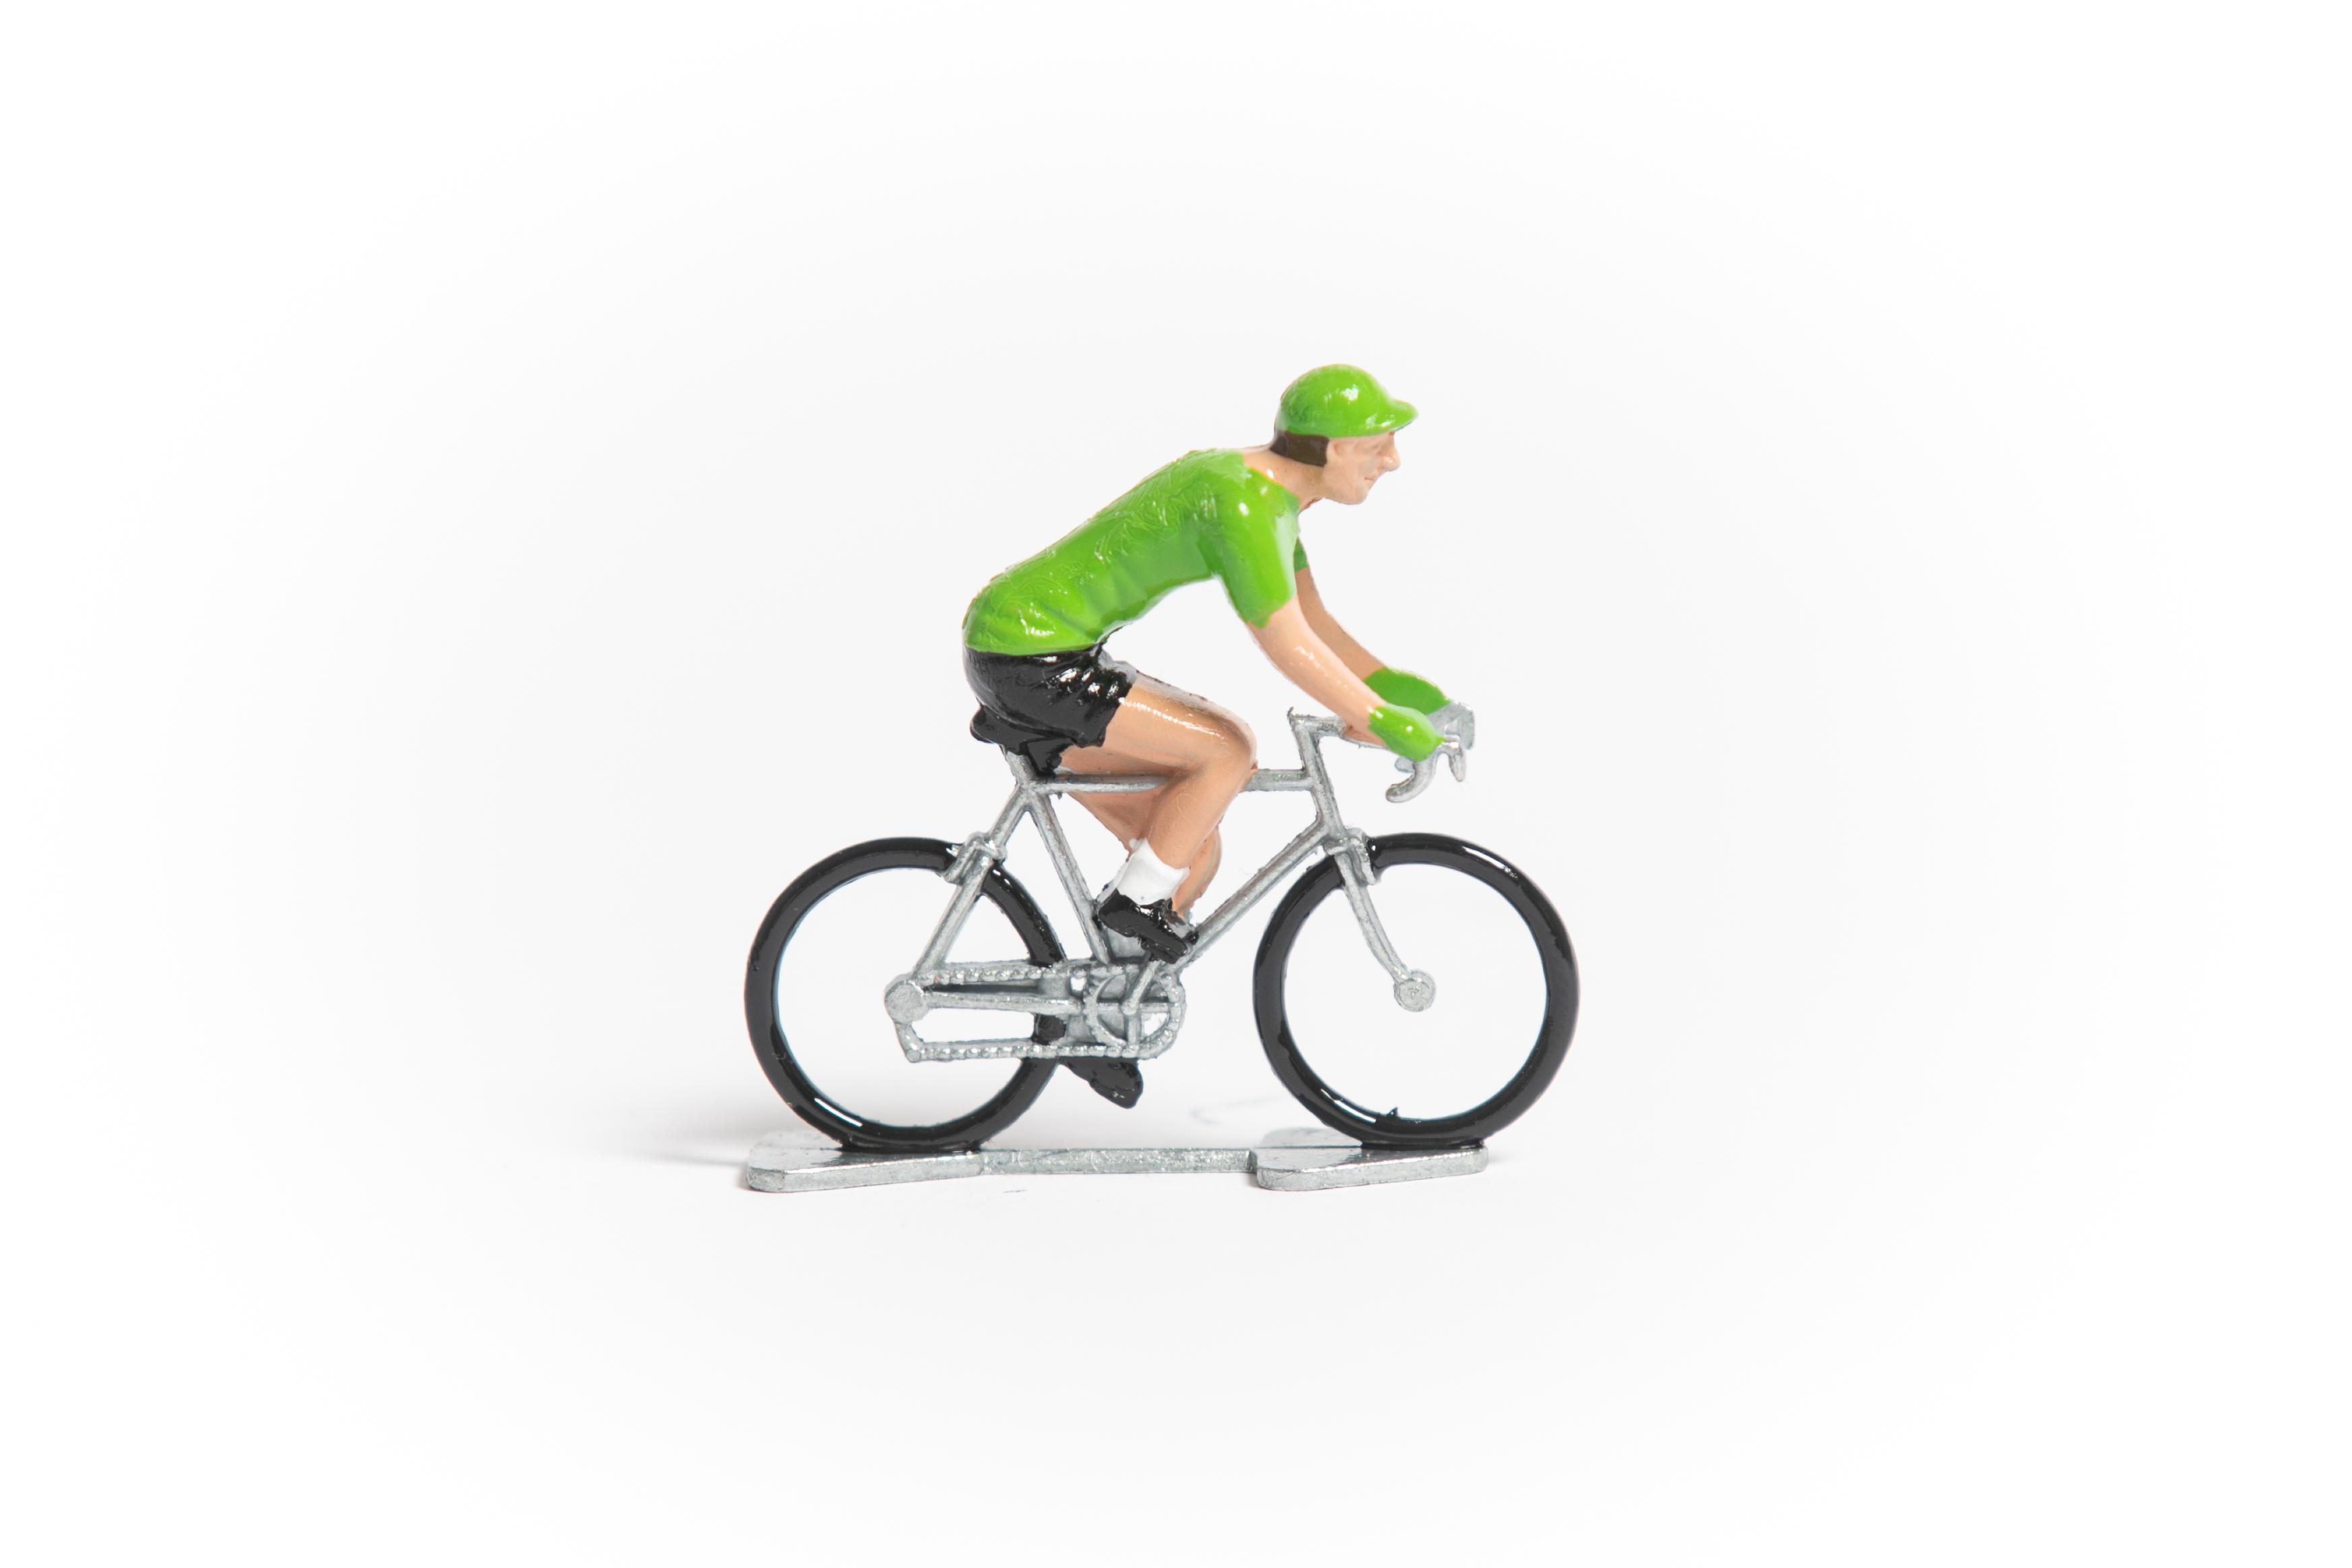 tour de france miniature cyclists set cycling souvenirs